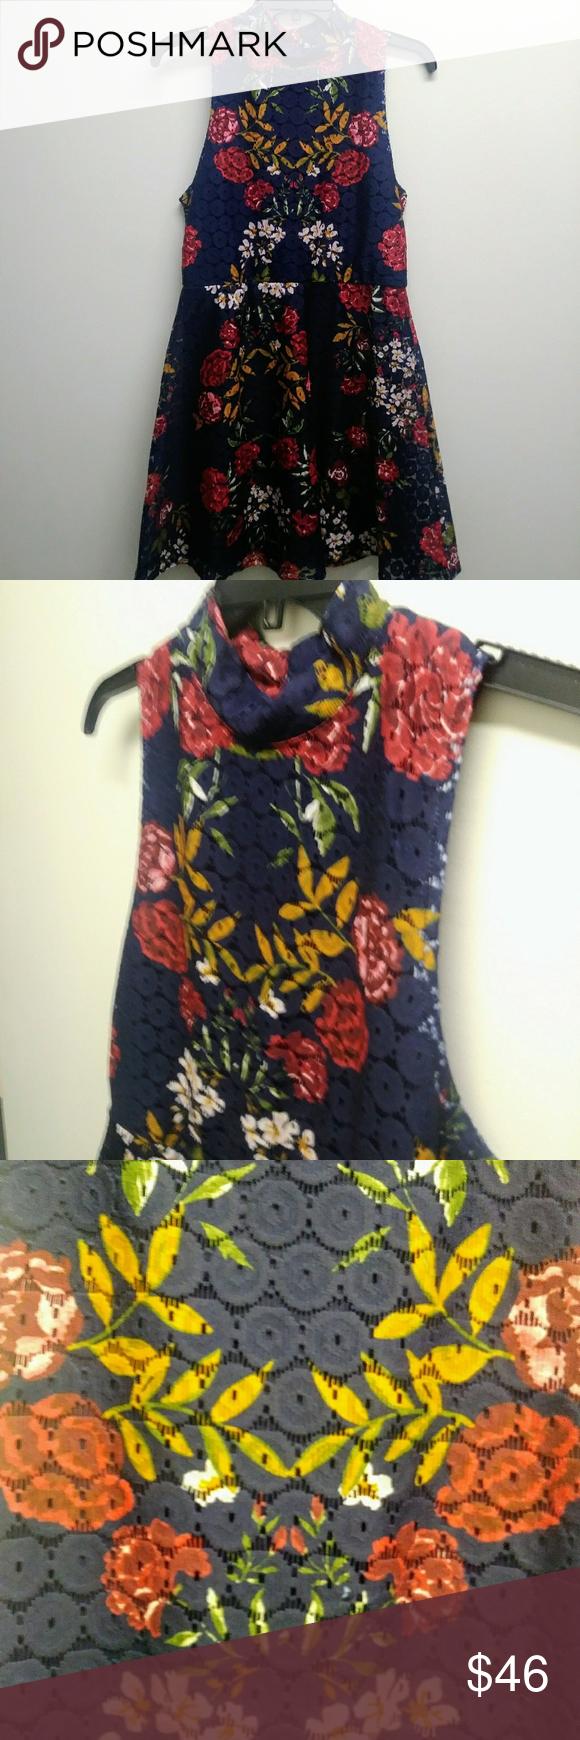 M boutique lace dress  Francescaus Brand Alya Navy Crochet Spring Dress M Boutique